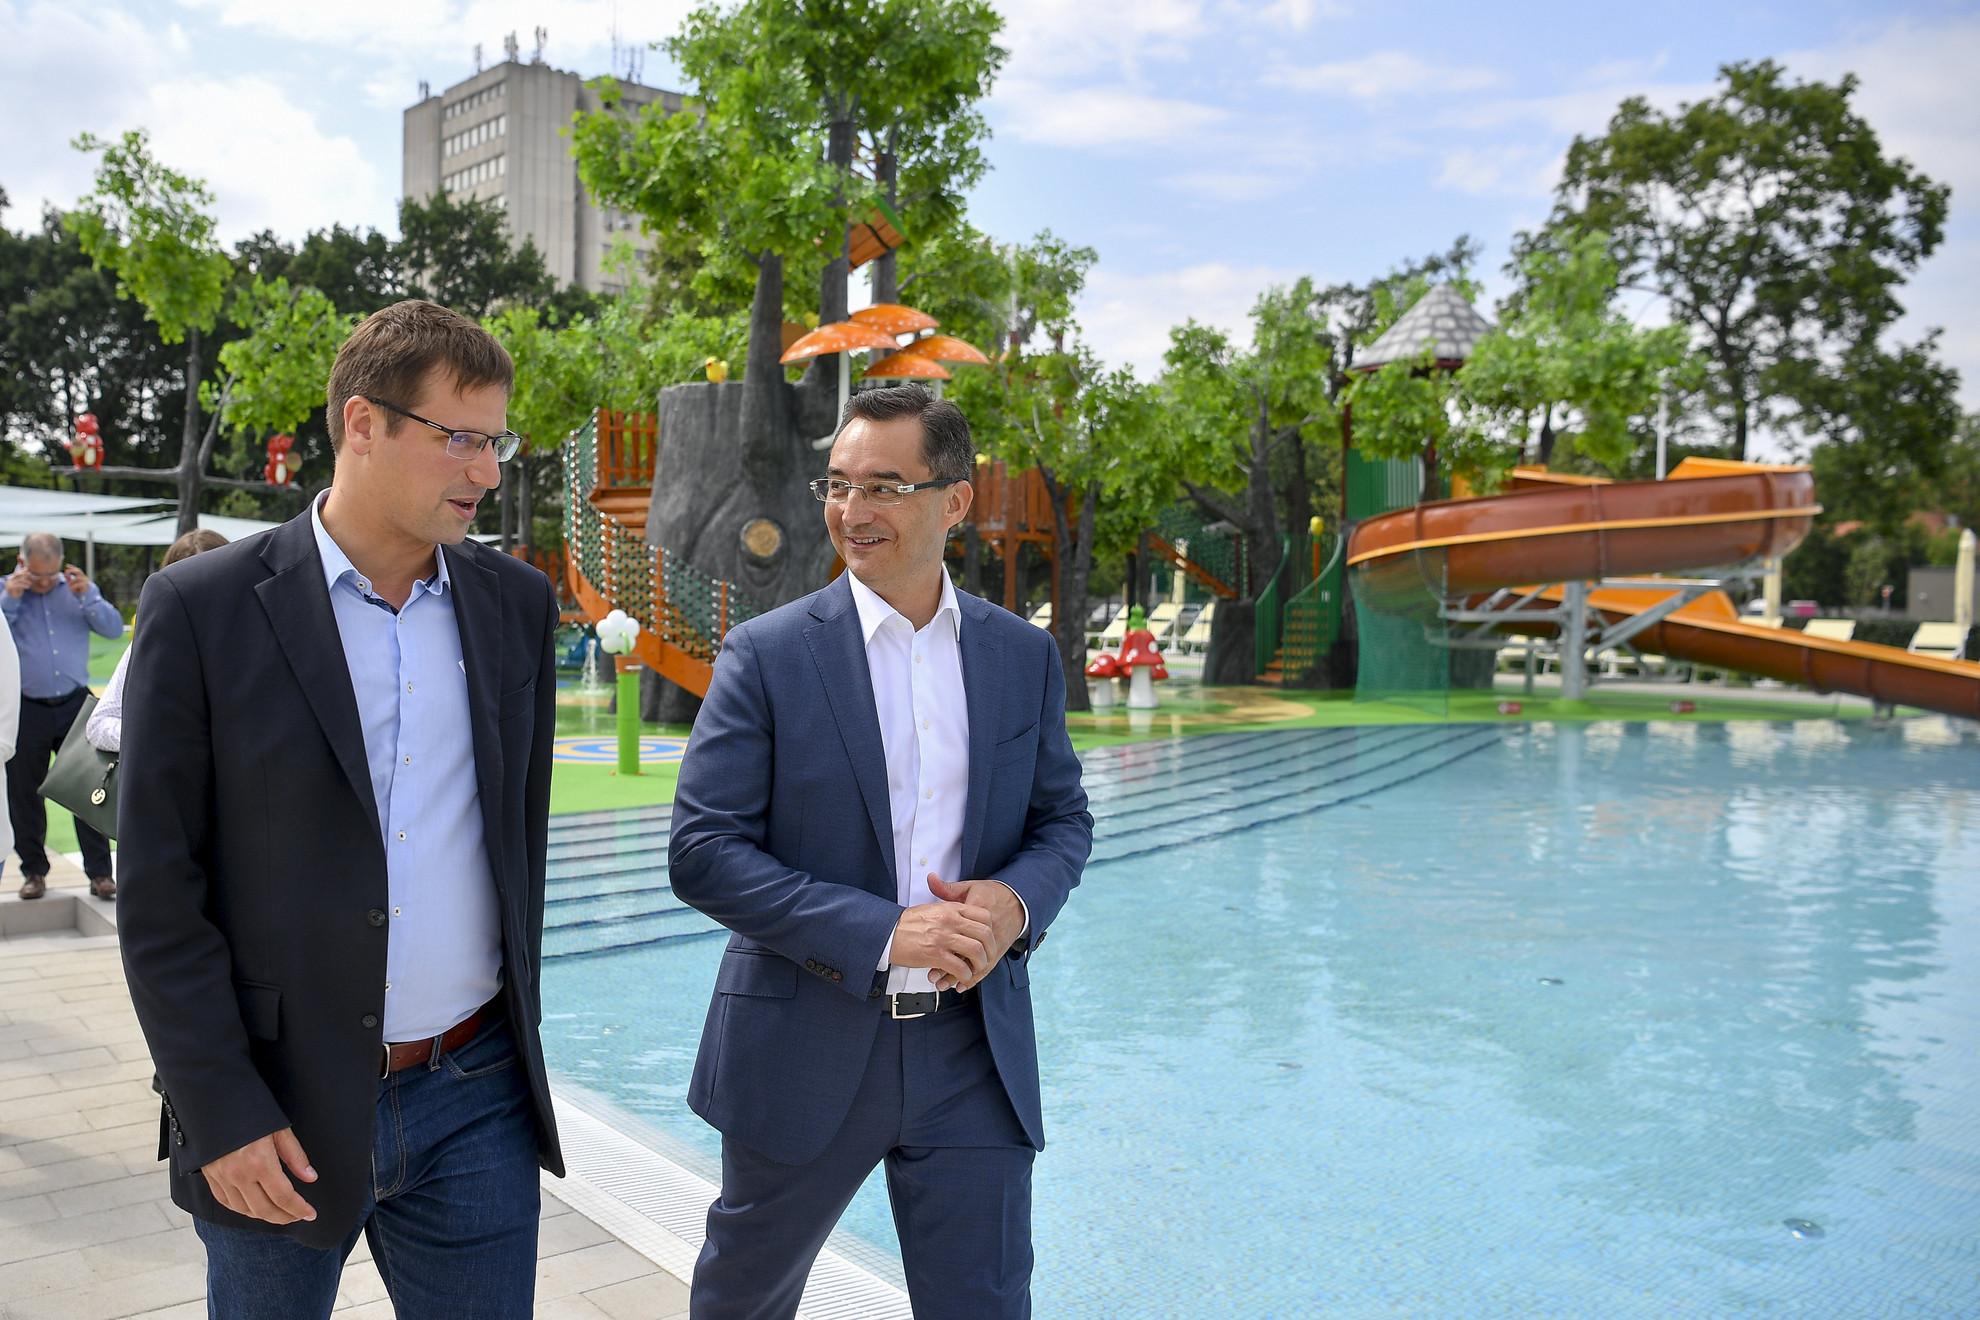 Gulyás Gergely, a Miniszterelnökséget vezető miniszter (b) és Papp László (Fidesz-KDNP) polgármester az új Aquaticum Debrecen Strand átadásán 2020. június 19-én